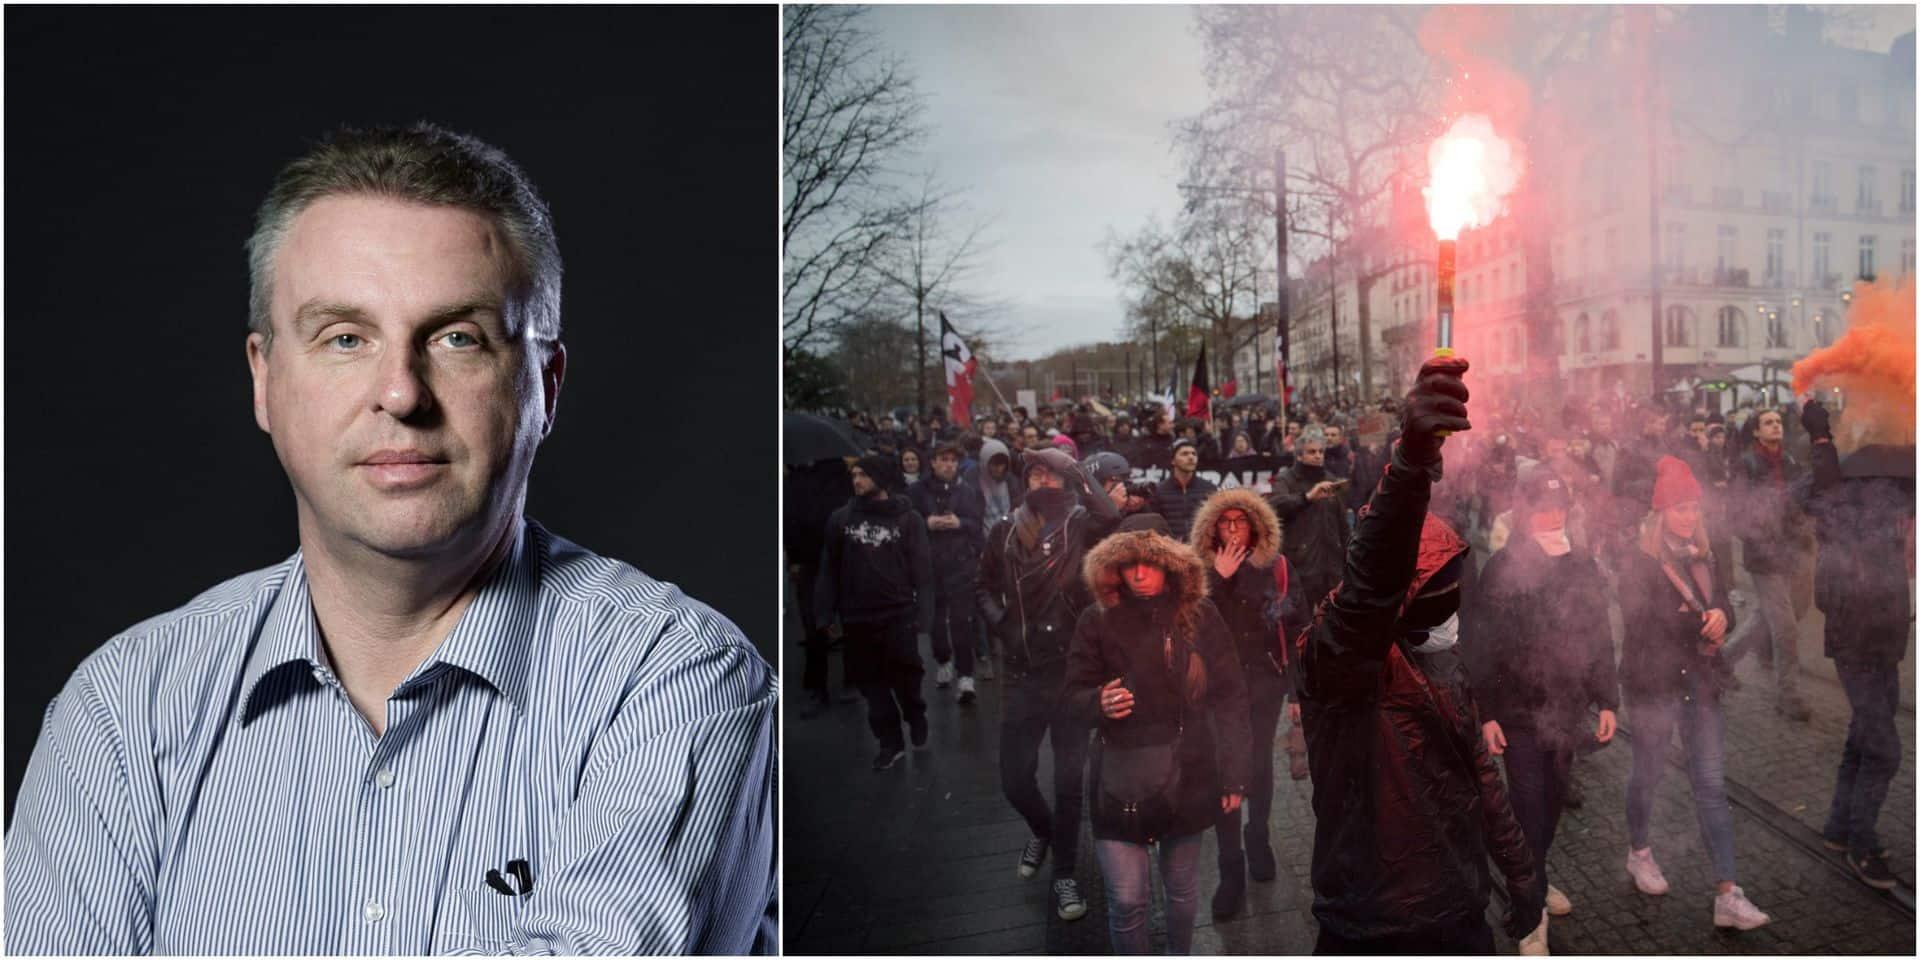 Les bienfaits du dialogue social belge rendent la paralysie que subit la France impossible chez nous